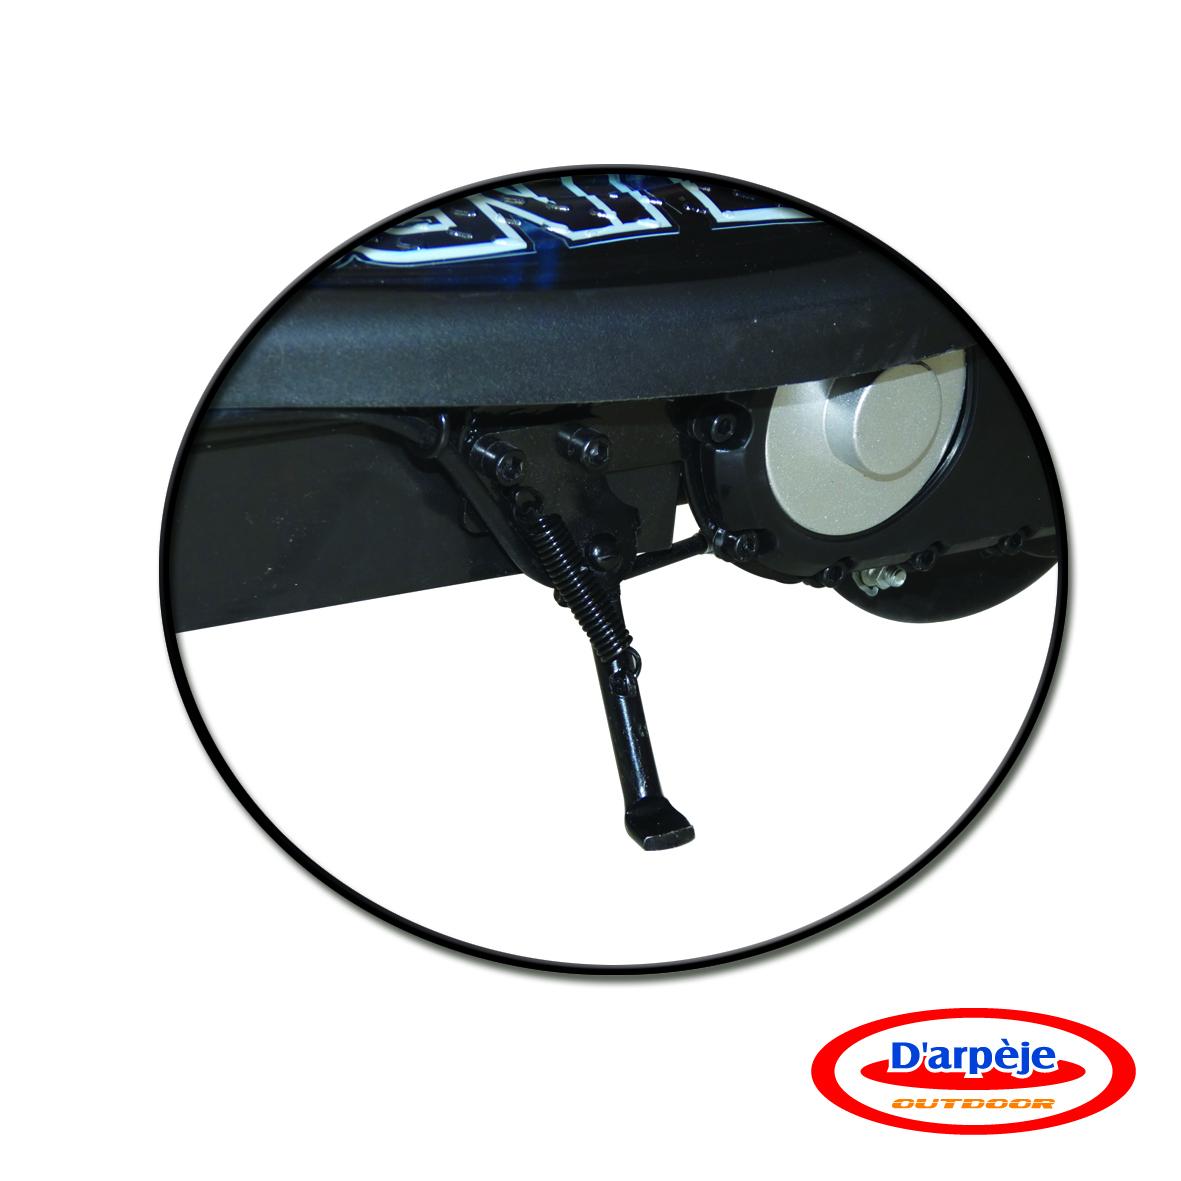 Patinette électrique Elek scooter Funbee